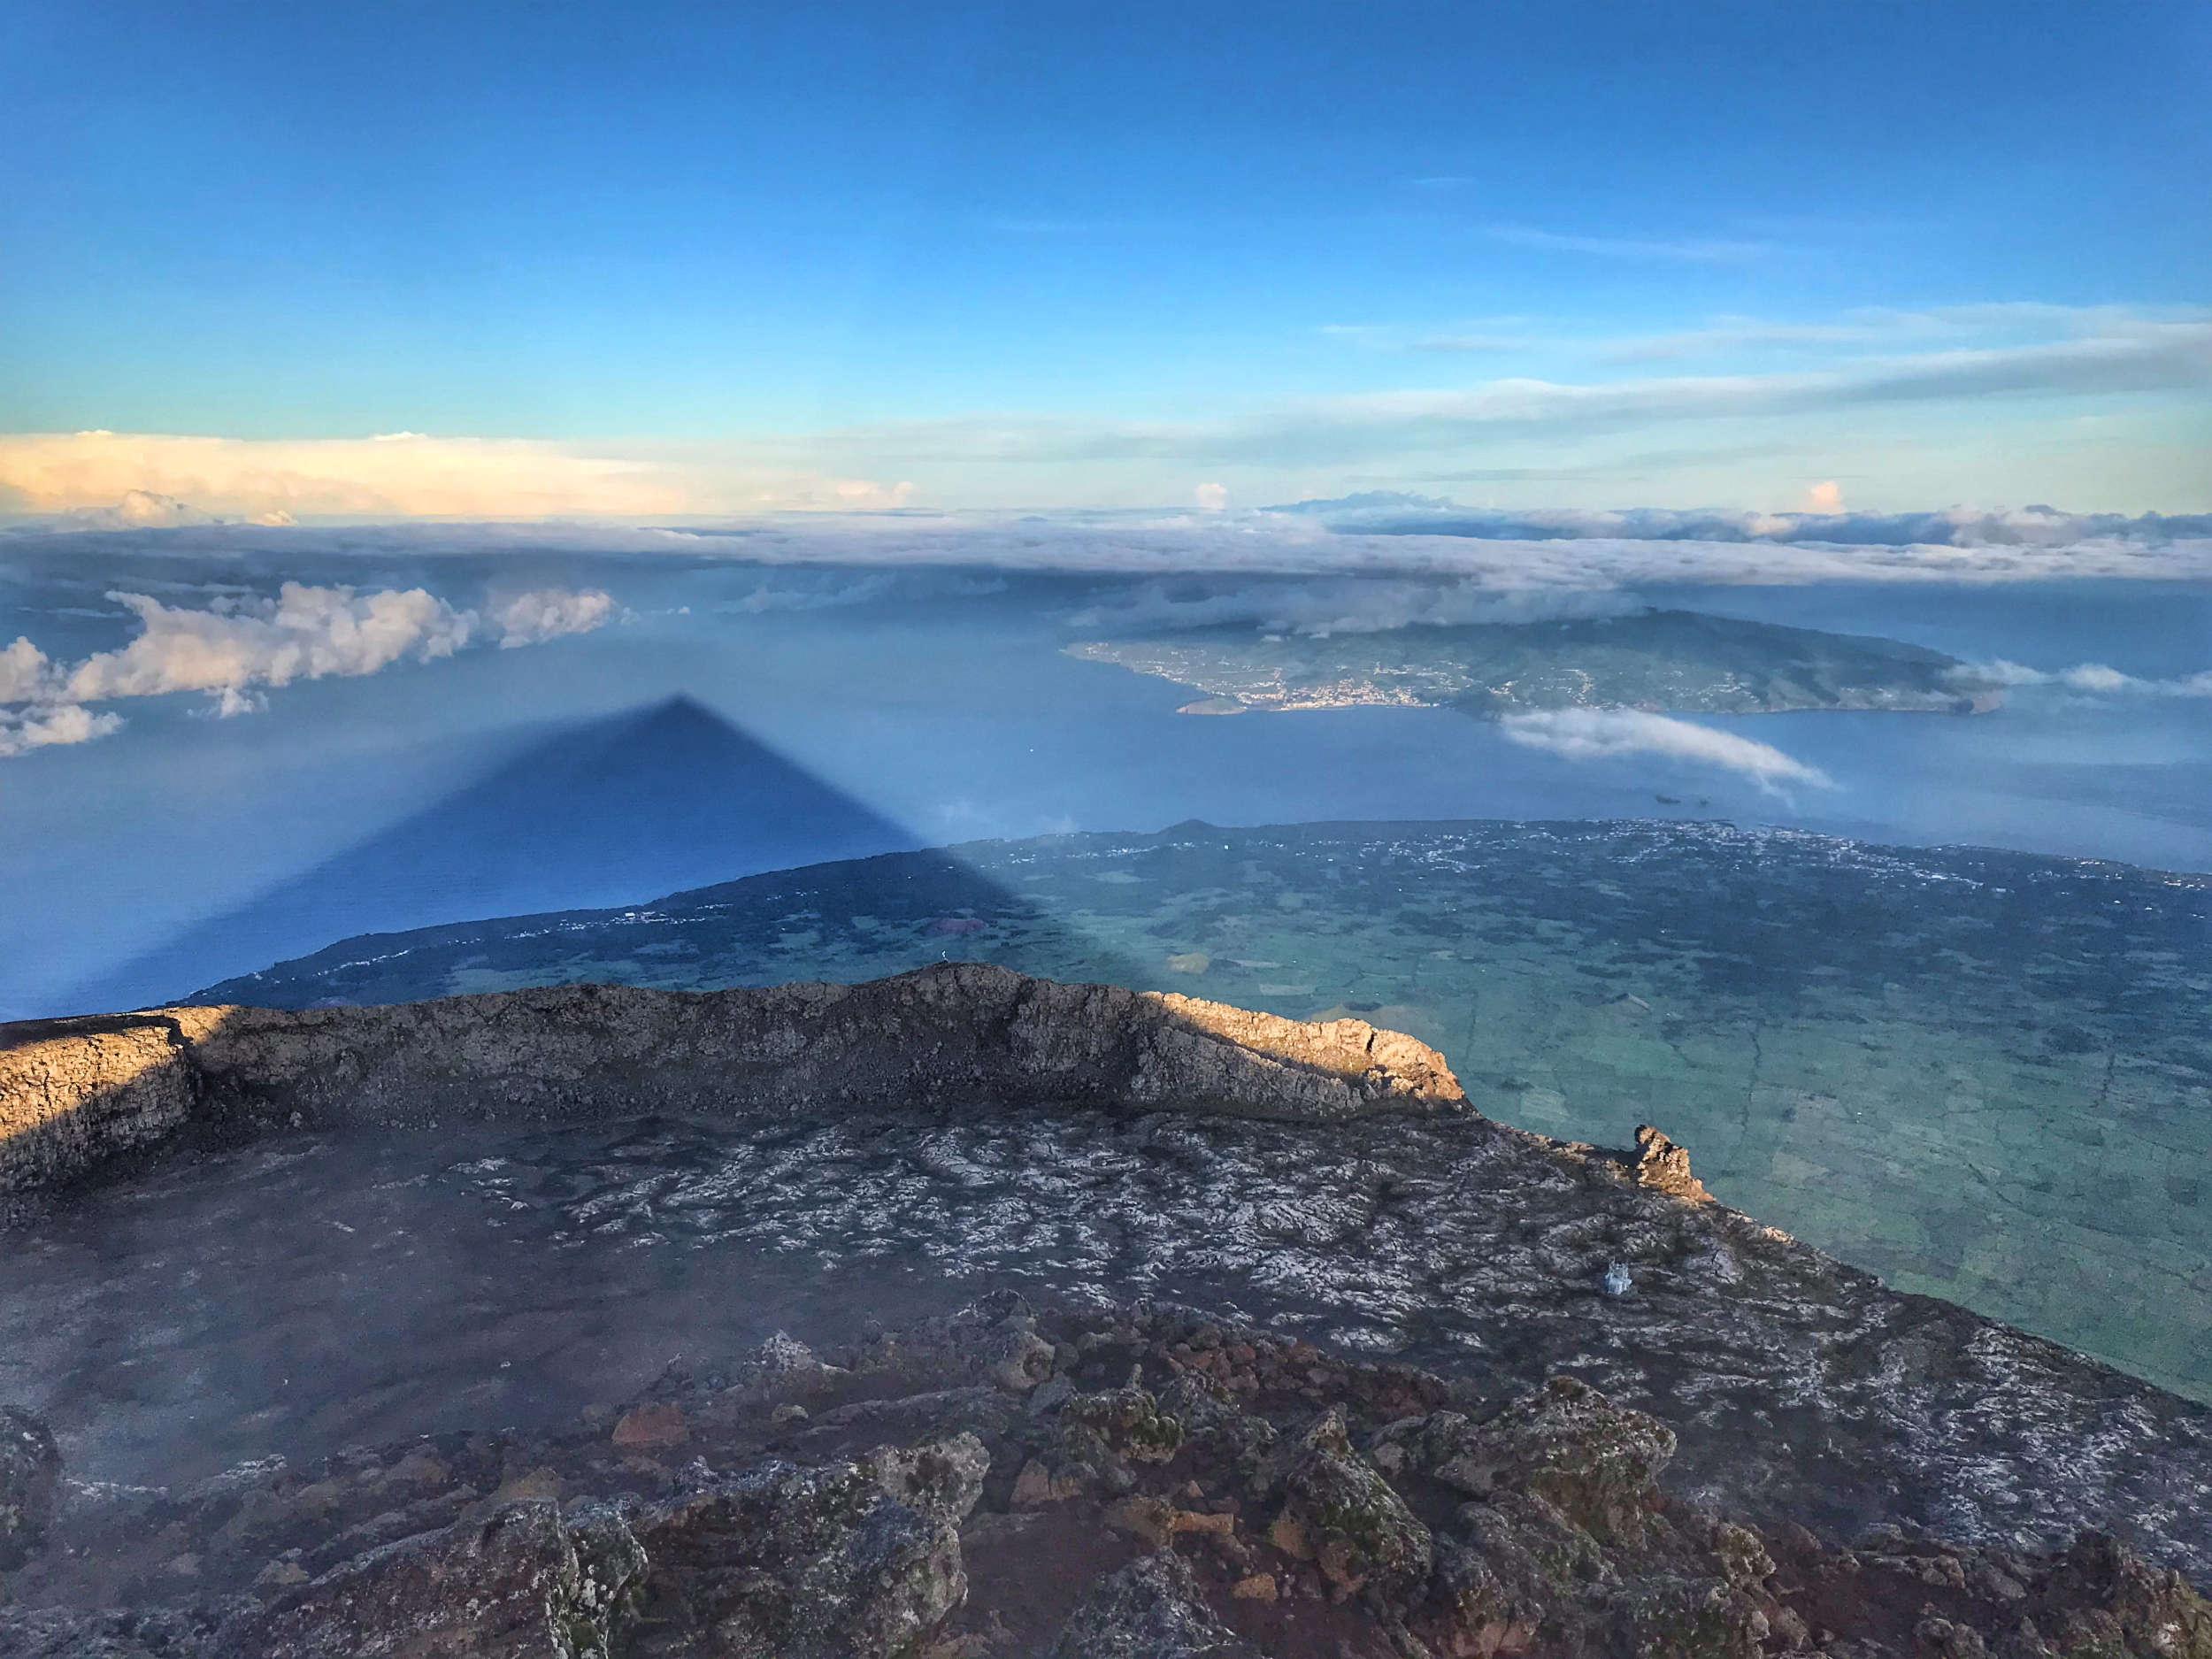 L'ombre du mont Pico se projète jusque sur la mer